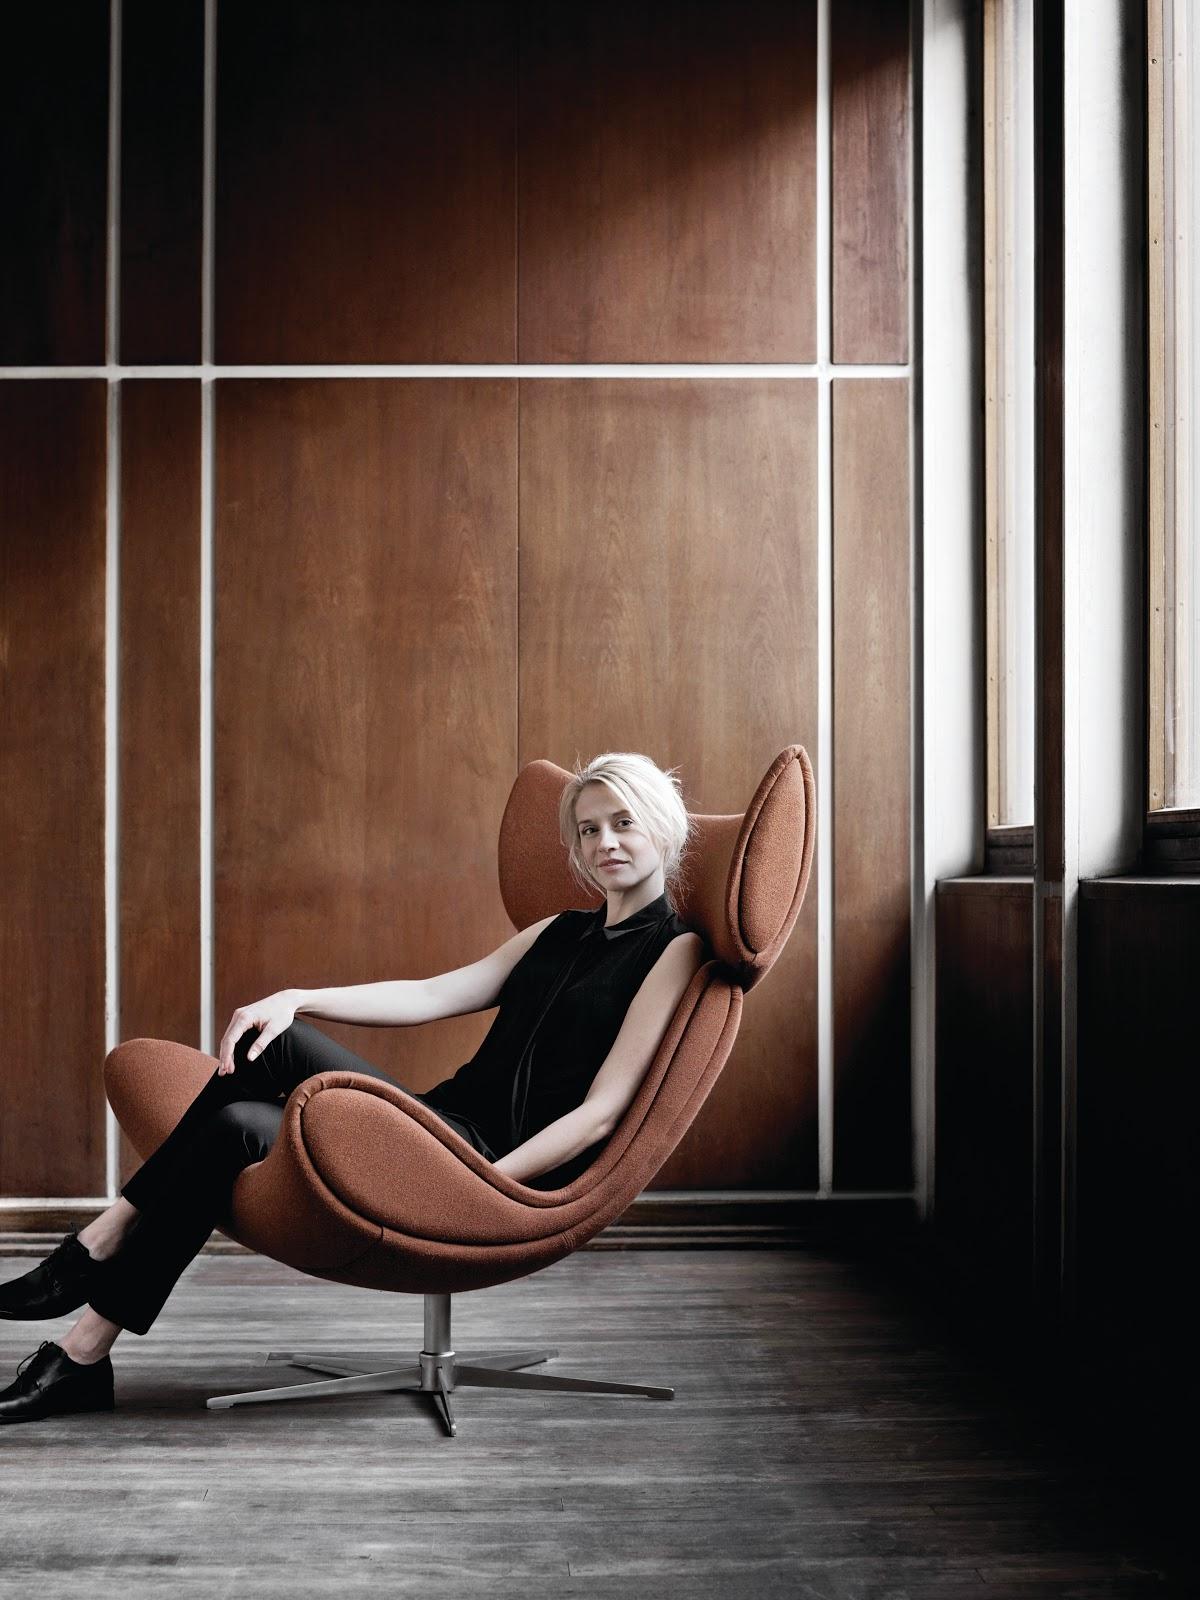 boconcept 2. Black Bedroom Furniture Sets. Home Design Ideas